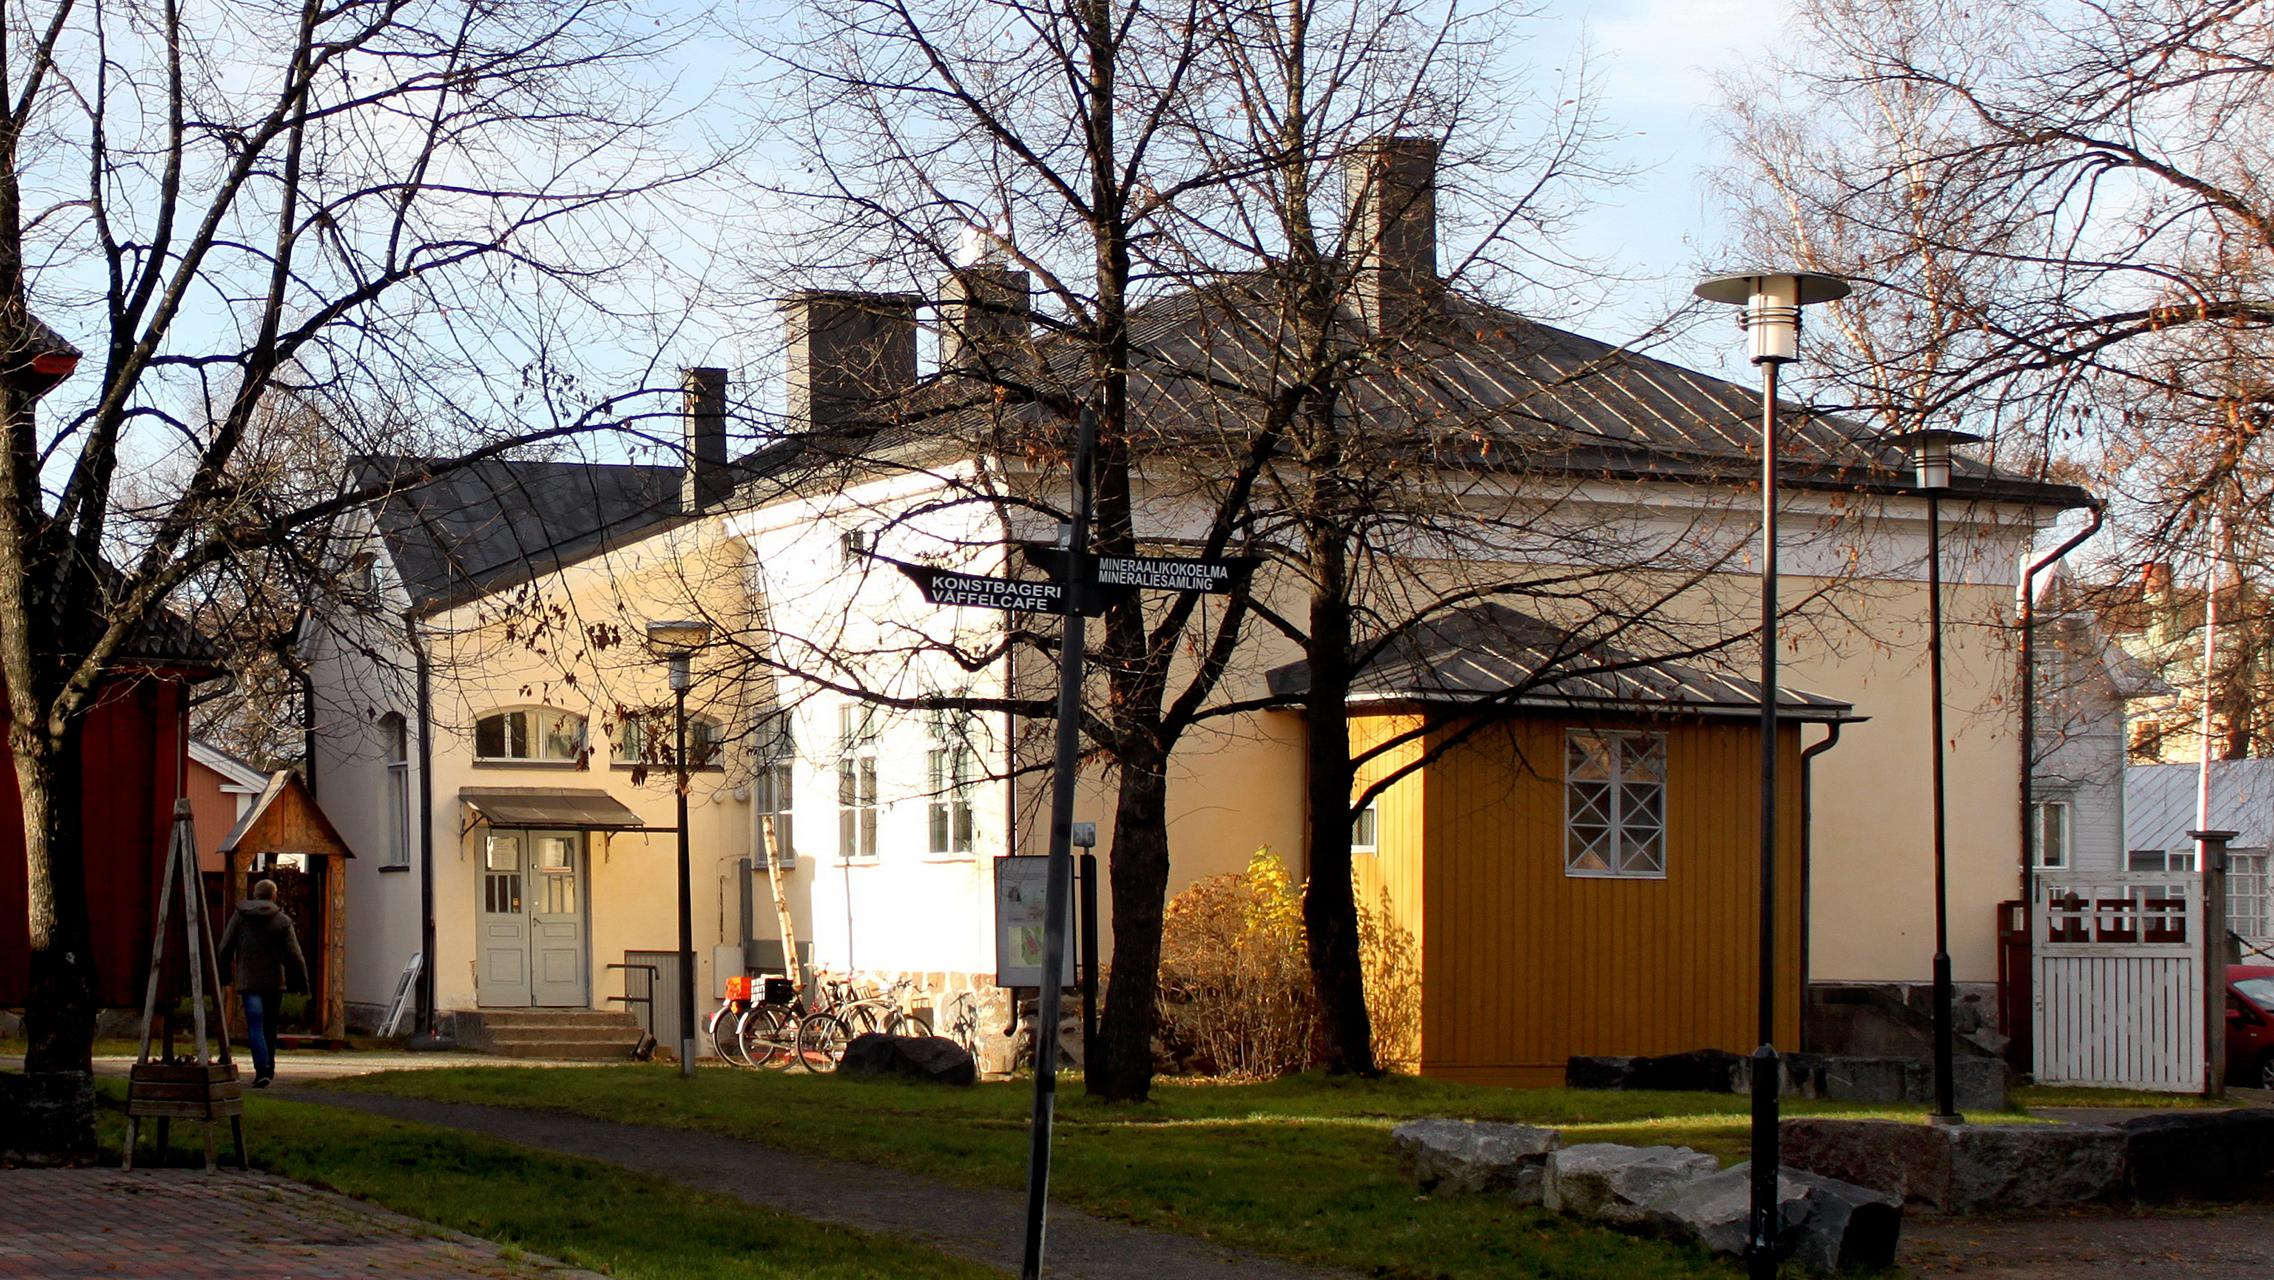 Keltainen, ITE-museona tunnettu kivitalo aurinkoisena syyspäivänä.